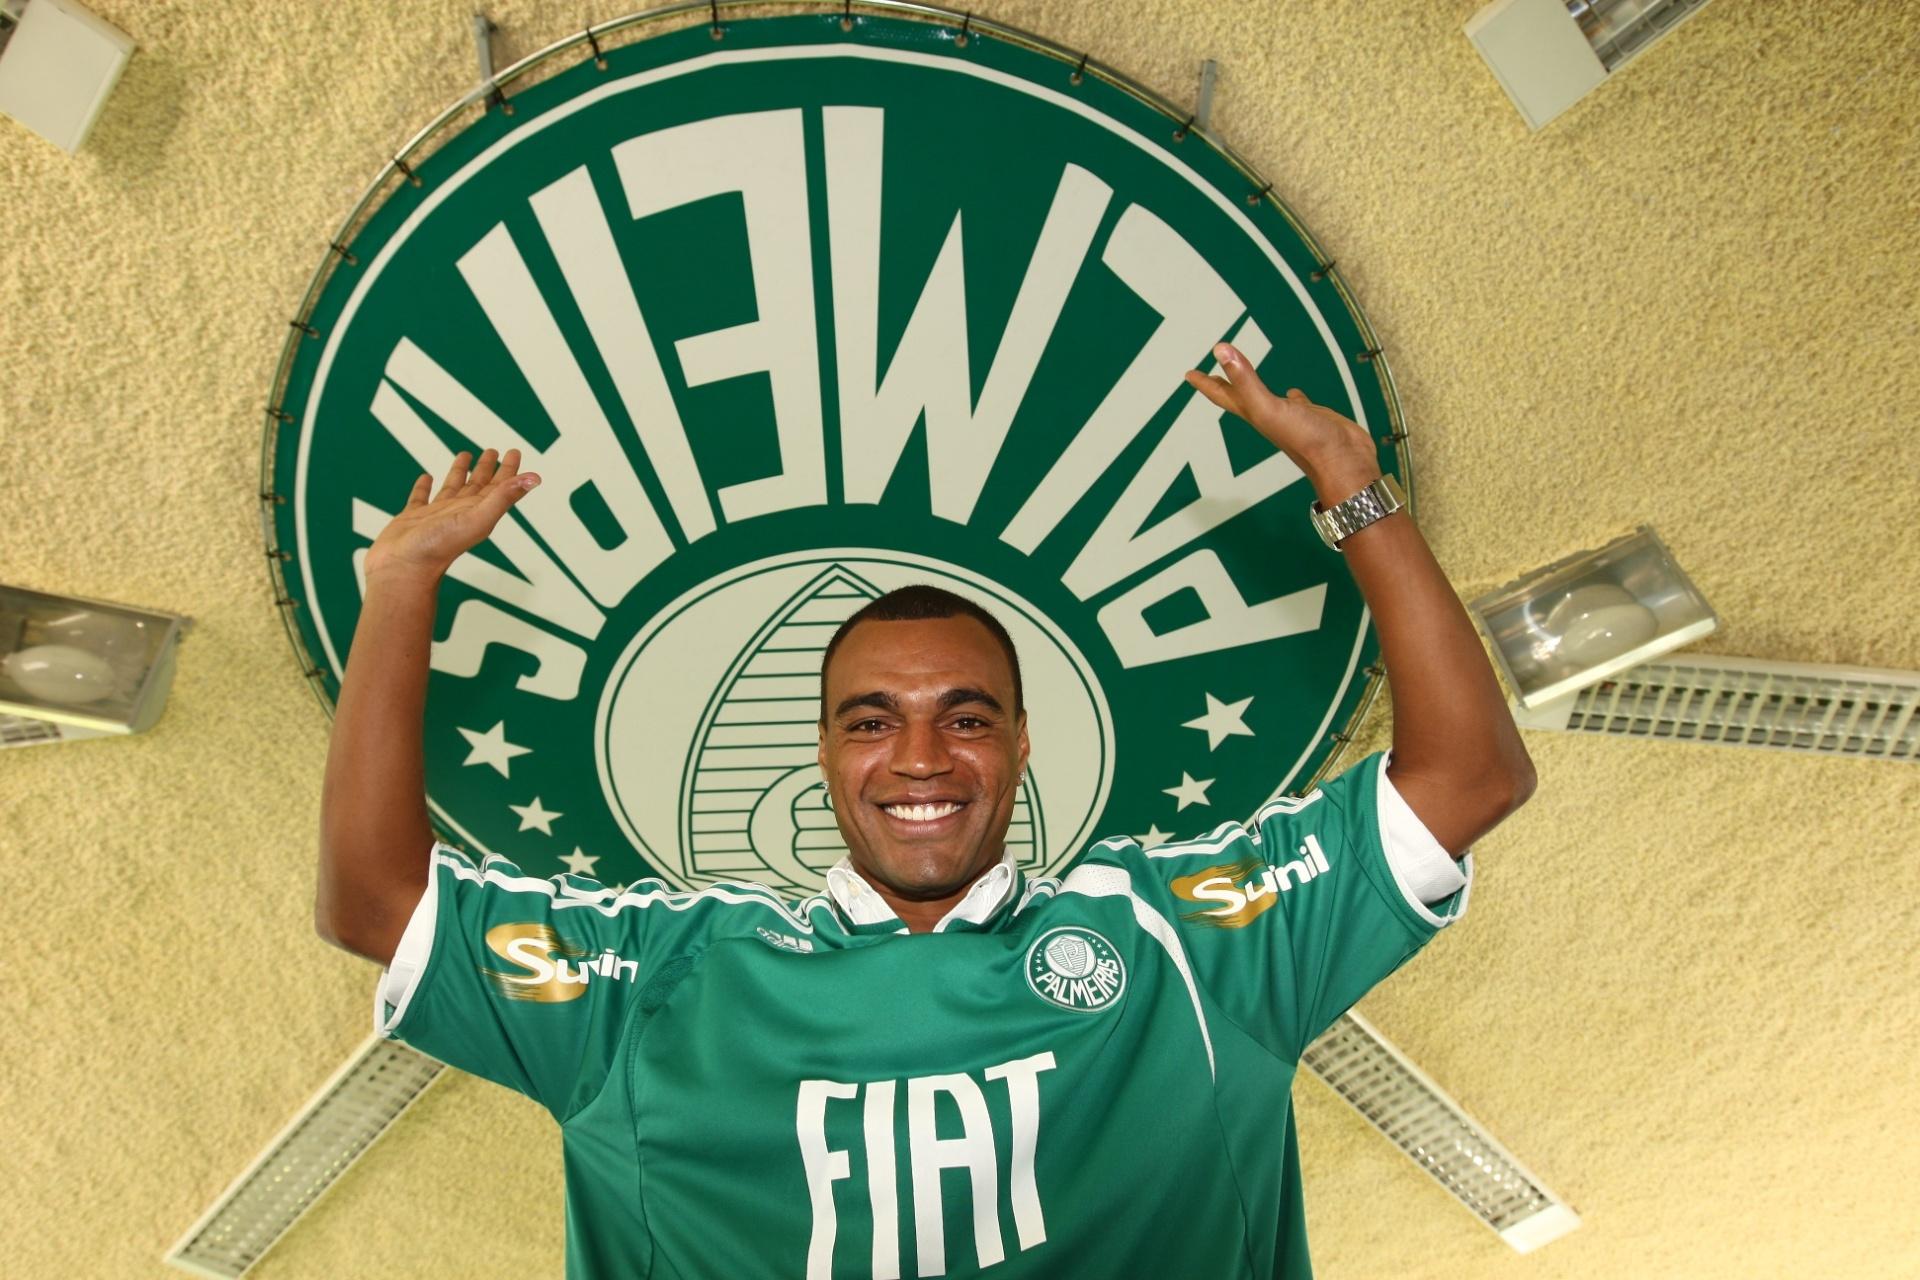 Denílson lembra portas fechadas no SP em 2007 e acerto com o Palmeiras -  Esporte - BOL 848843c6e18e4